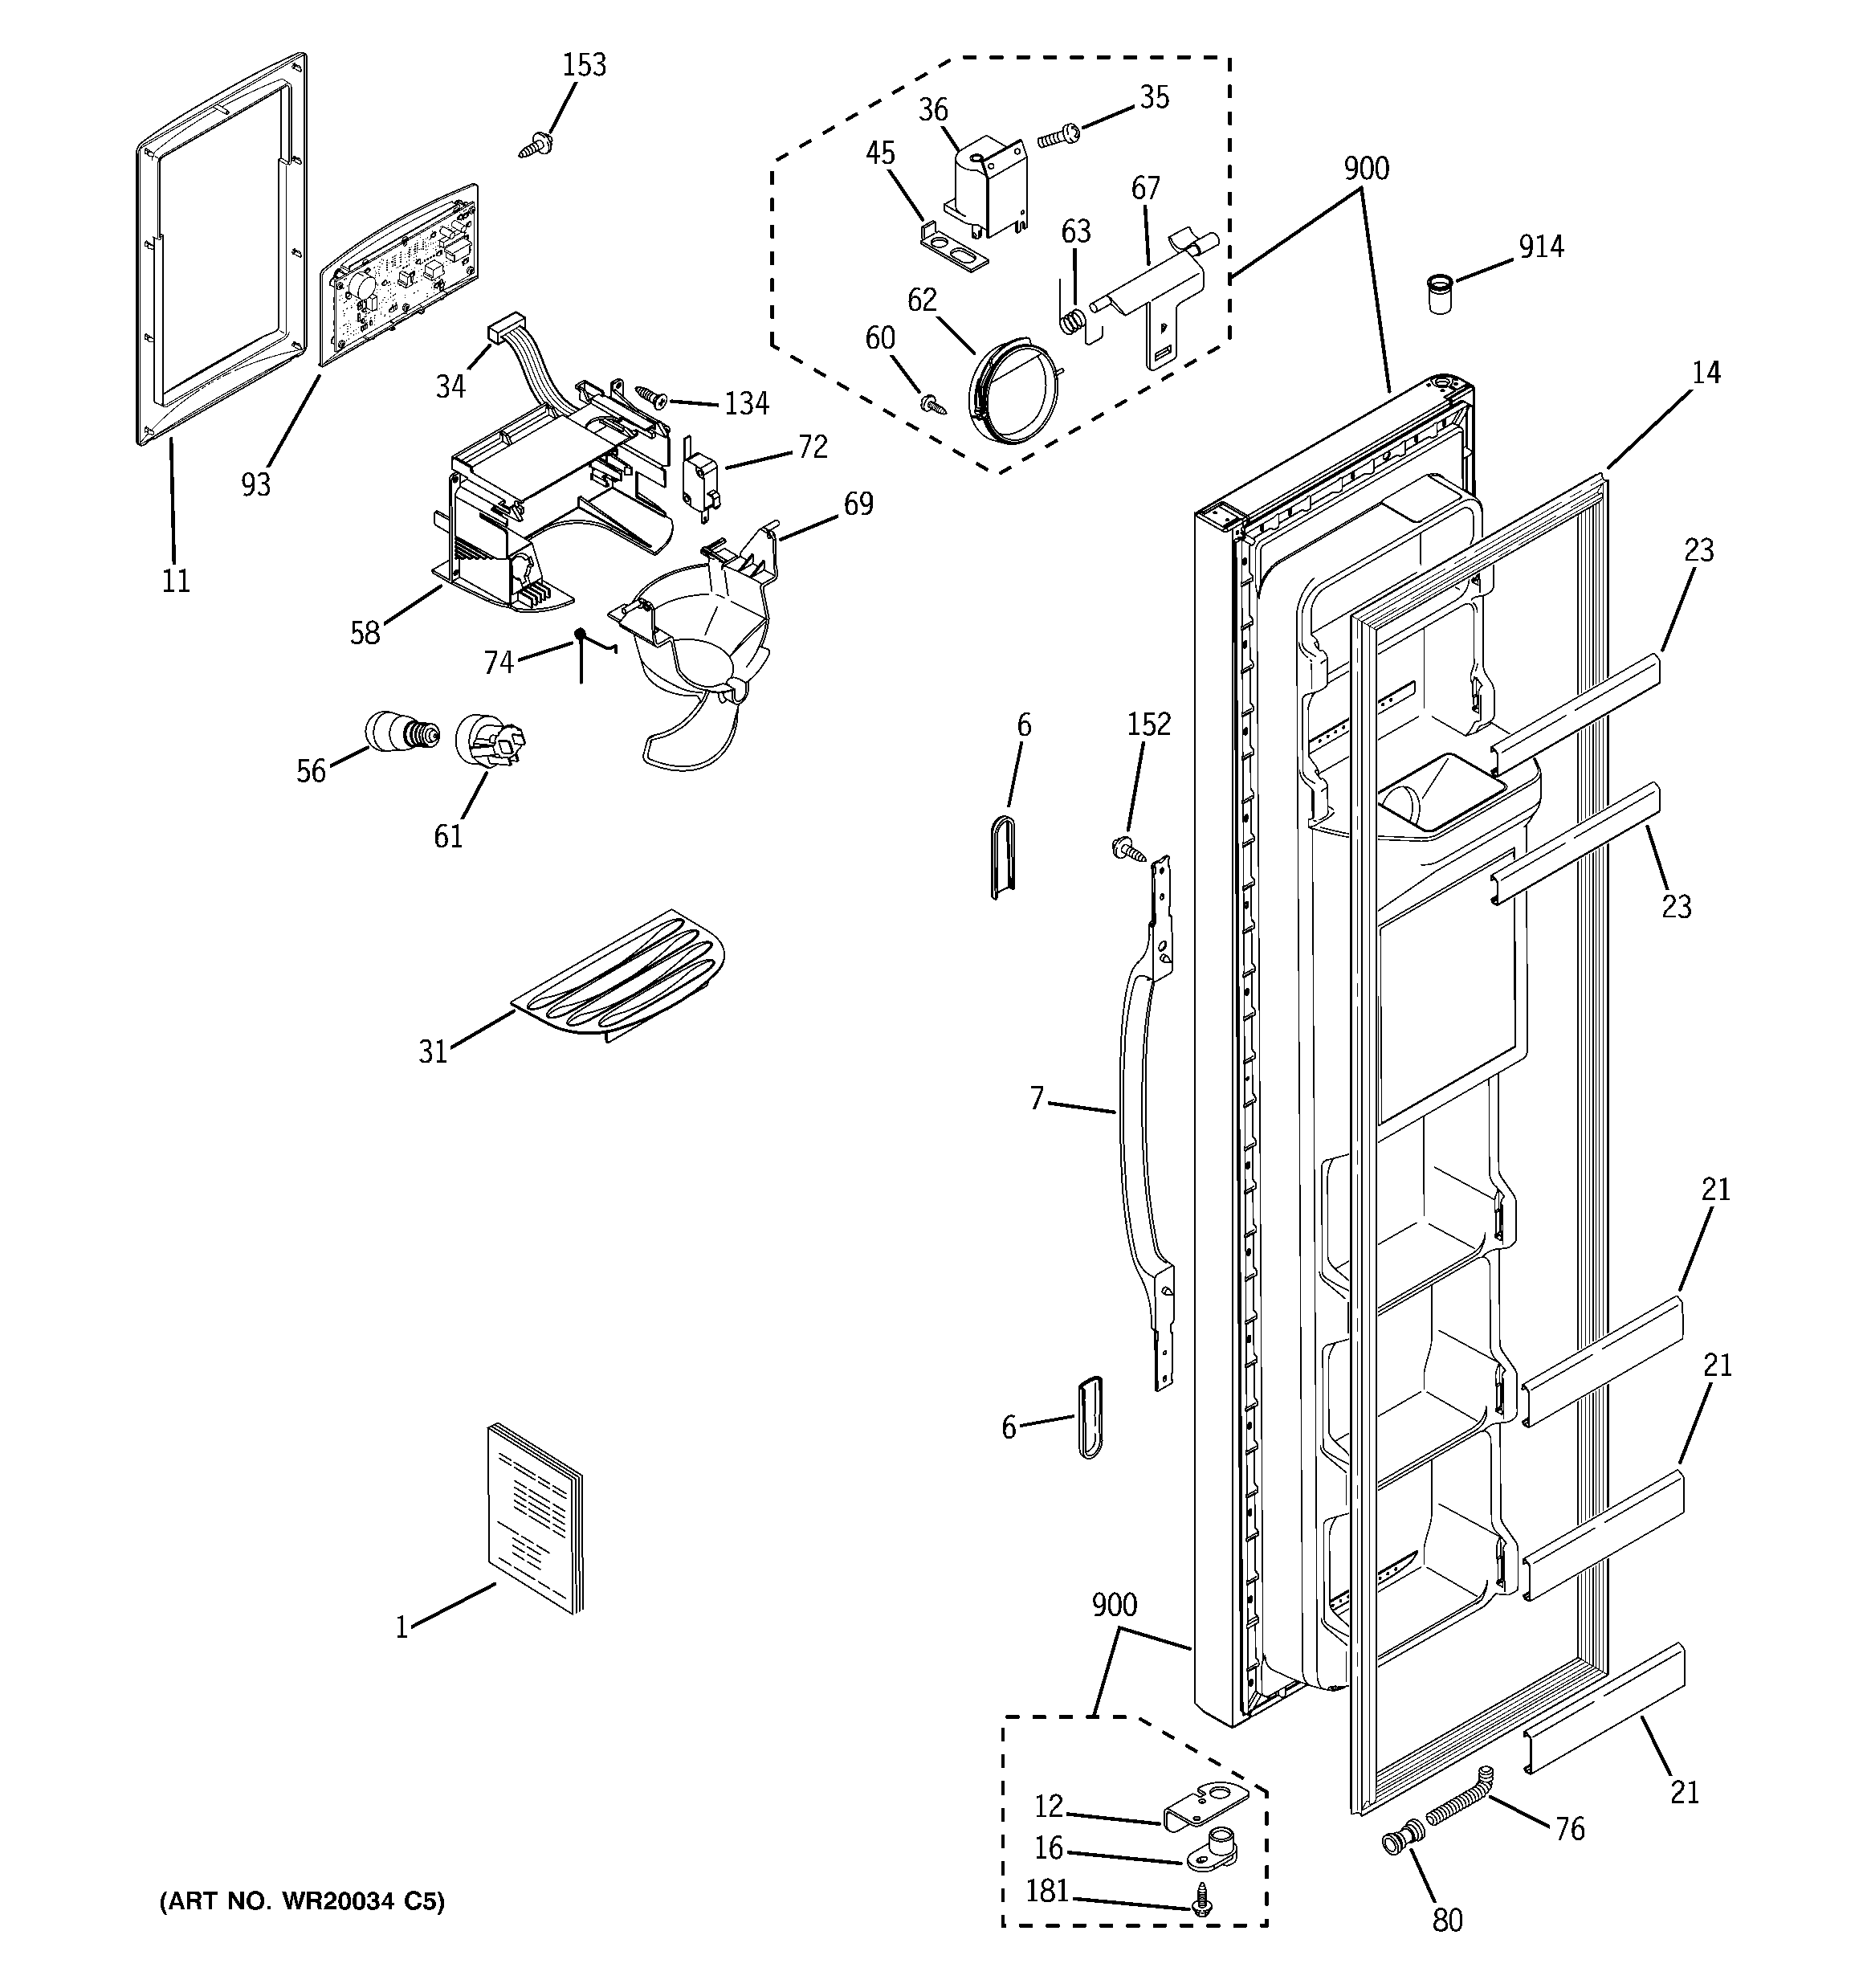 Hotpoint Dryer Wiring Diagram